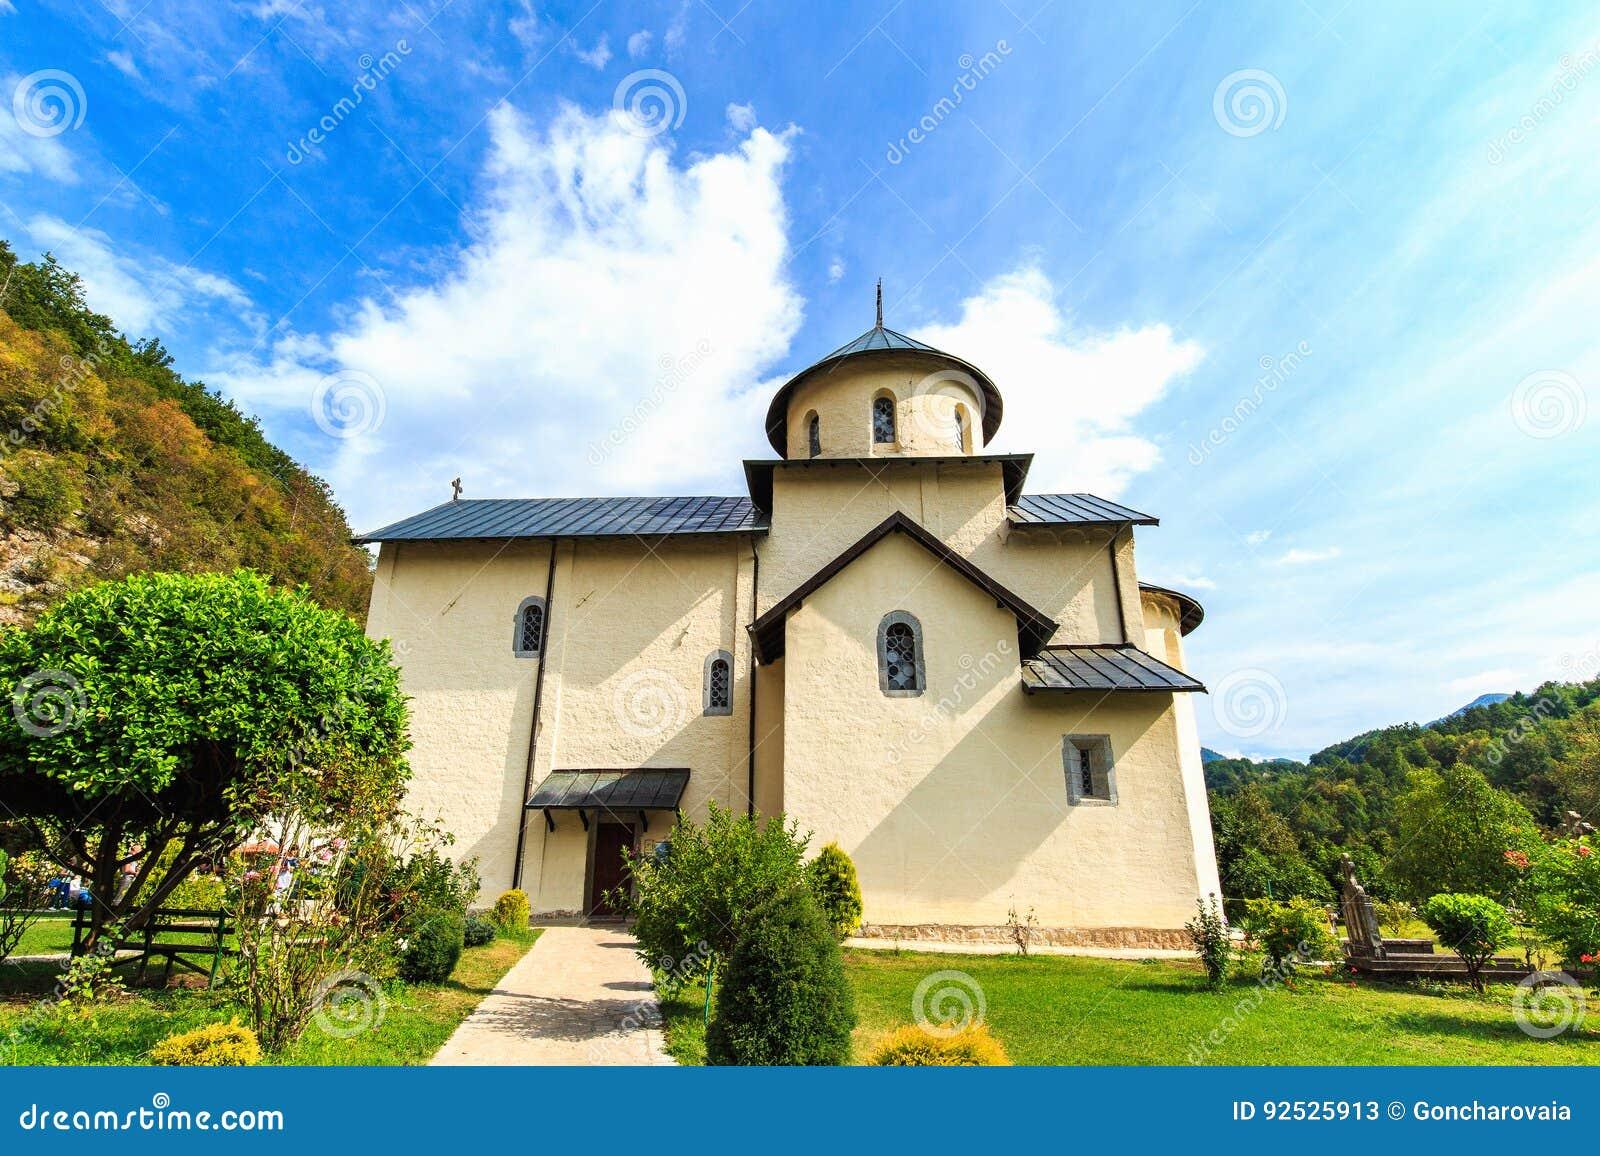 Μοναστήρι Moraca, μια σερβική Ορθόδοξη Εκκλησία σε Kolasin, Μαυροβούνιο